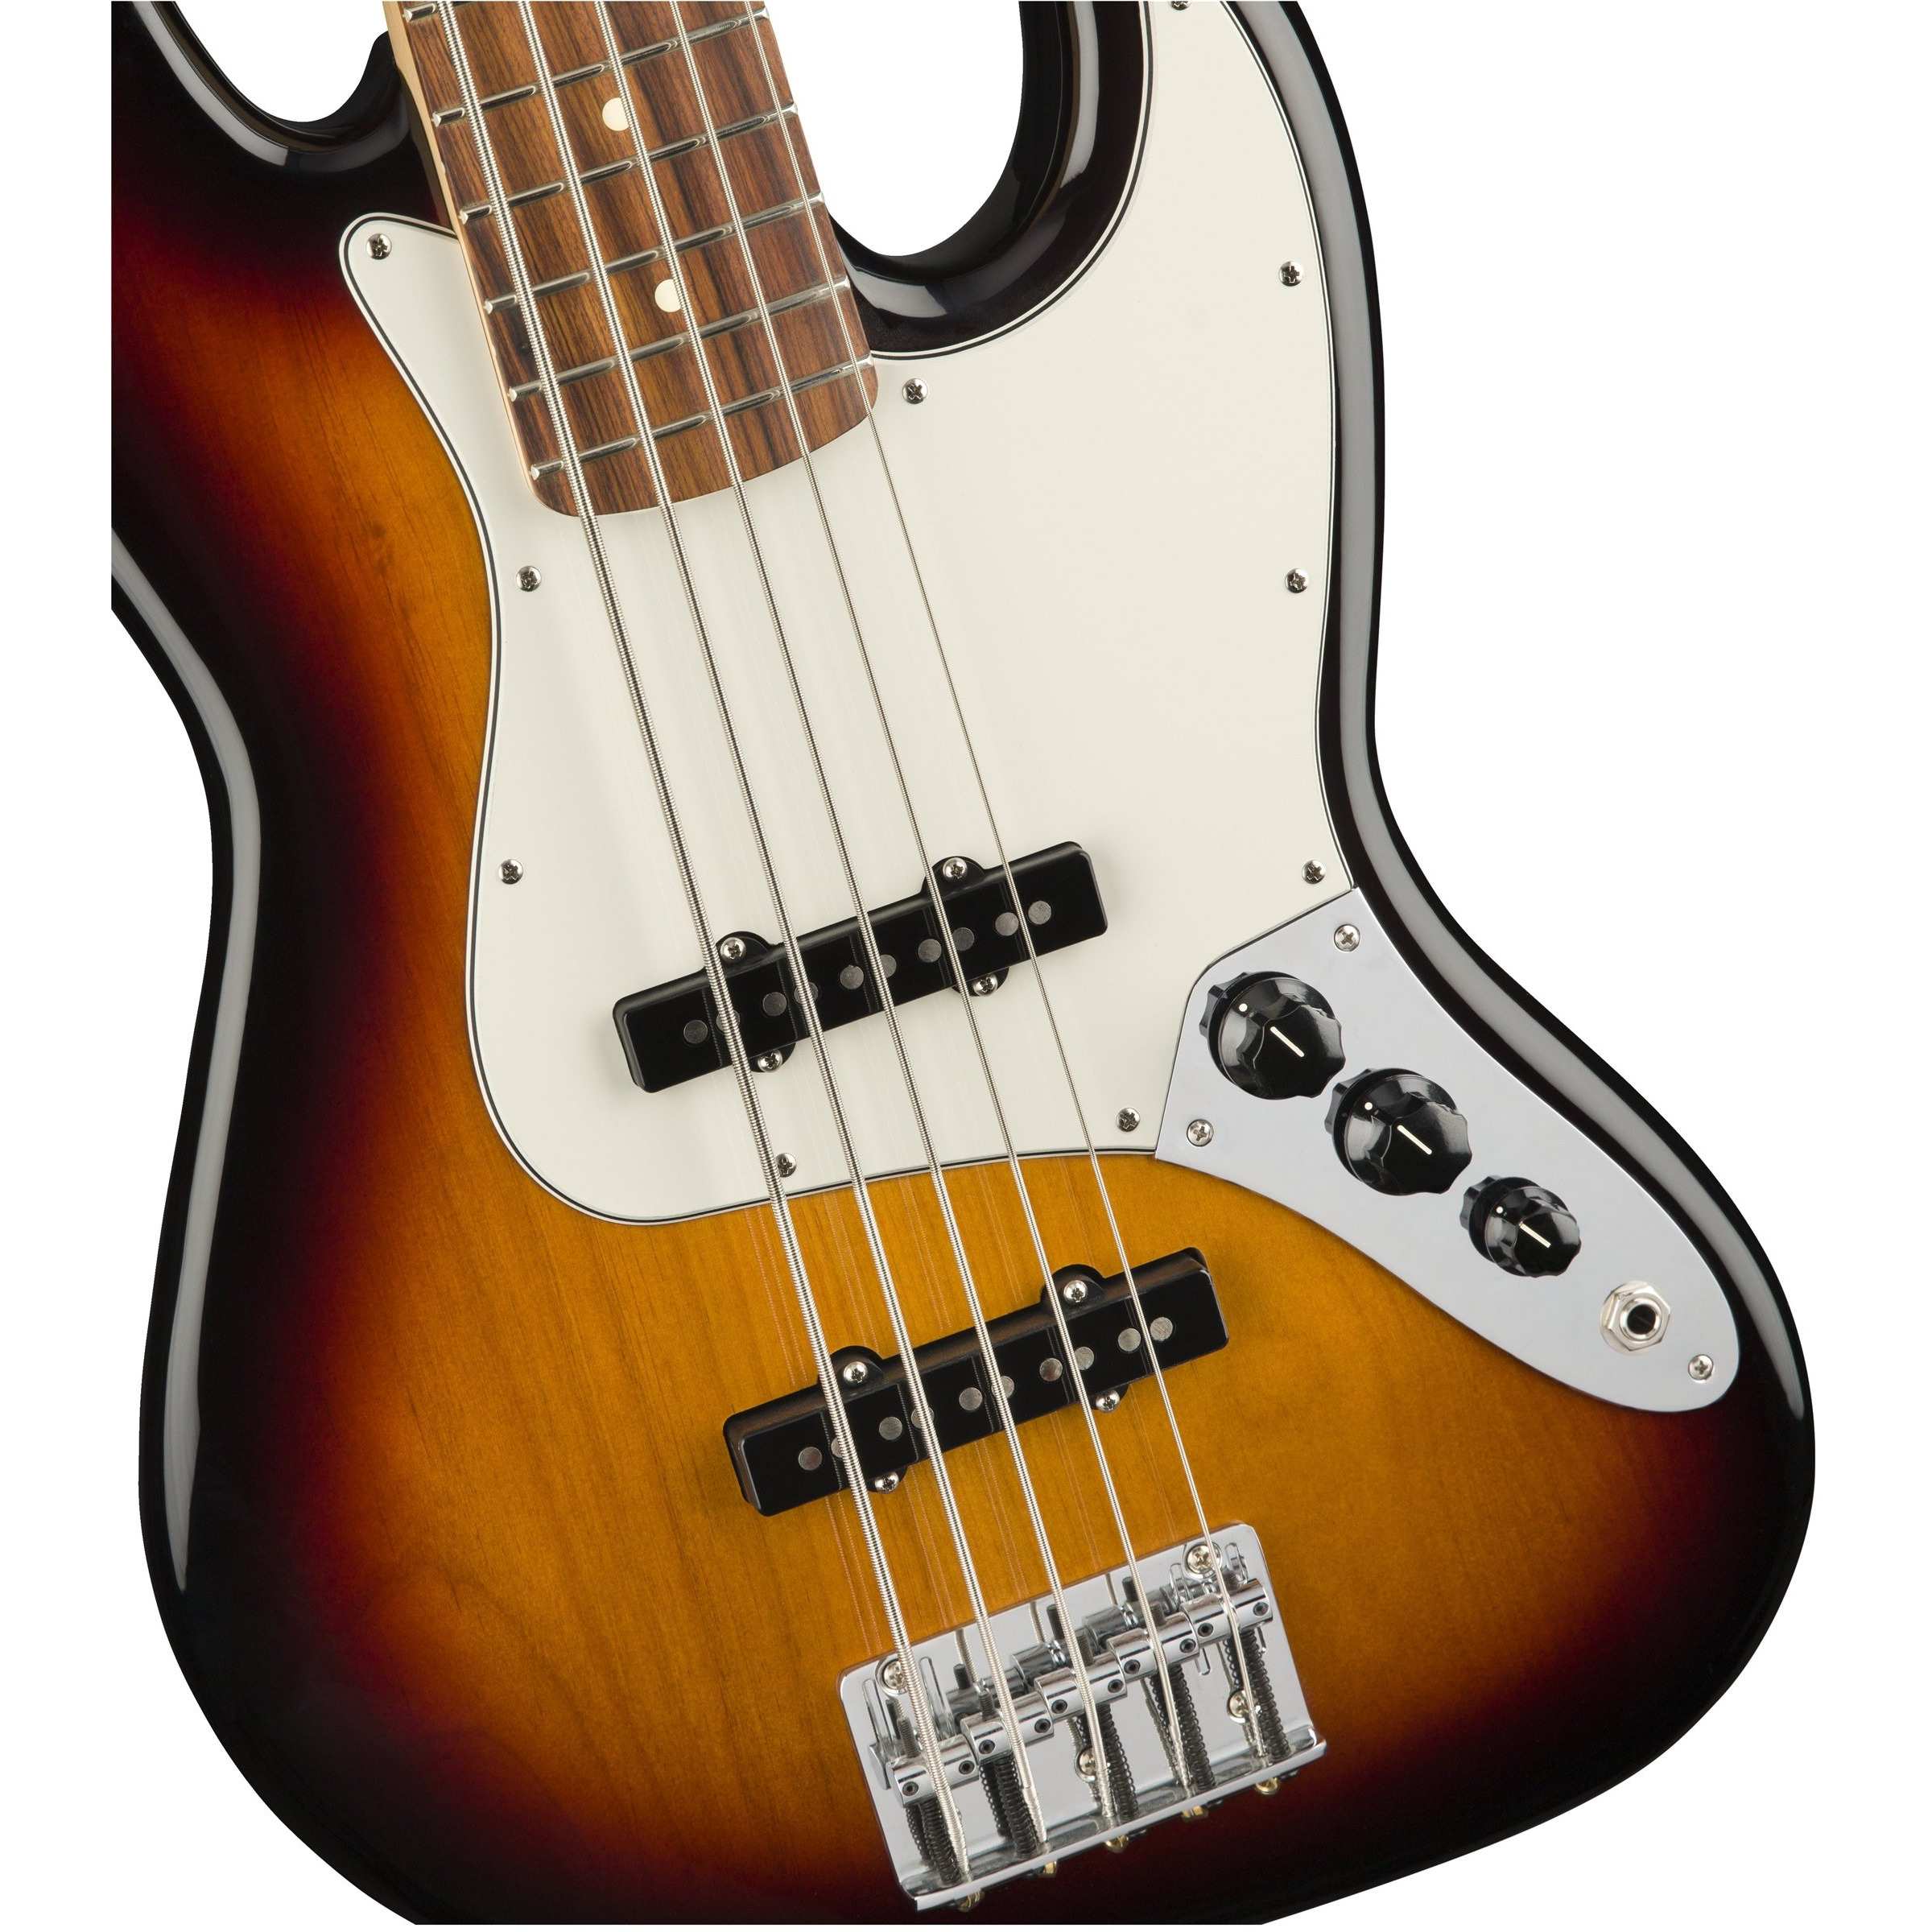 fender player jazz bass 5 string giggear. Black Bedroom Furniture Sets. Home Design Ideas